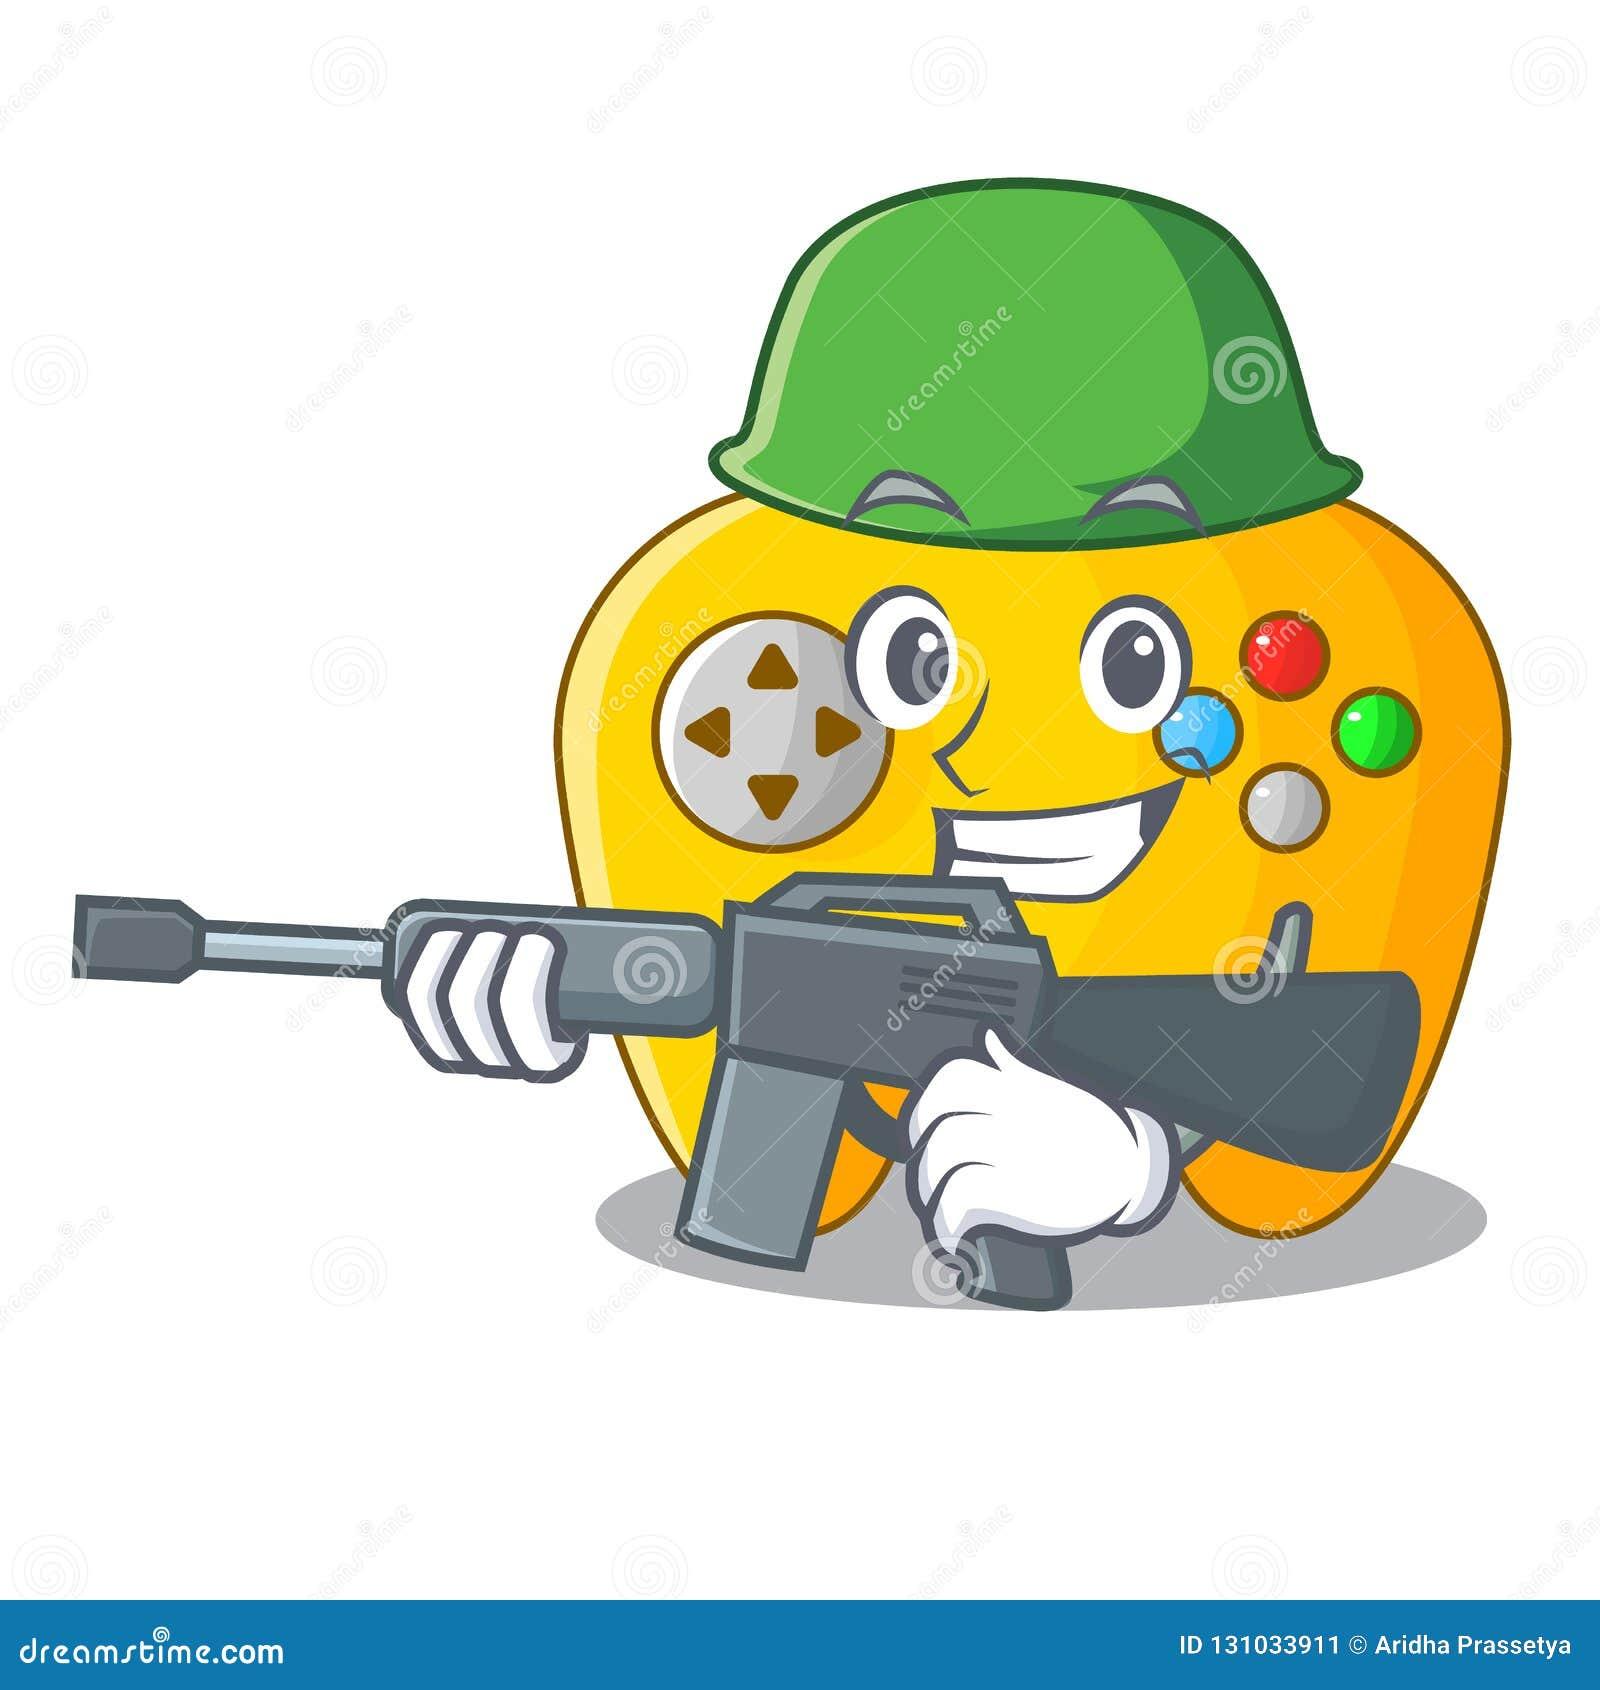 Armee Spiele Kostenlos